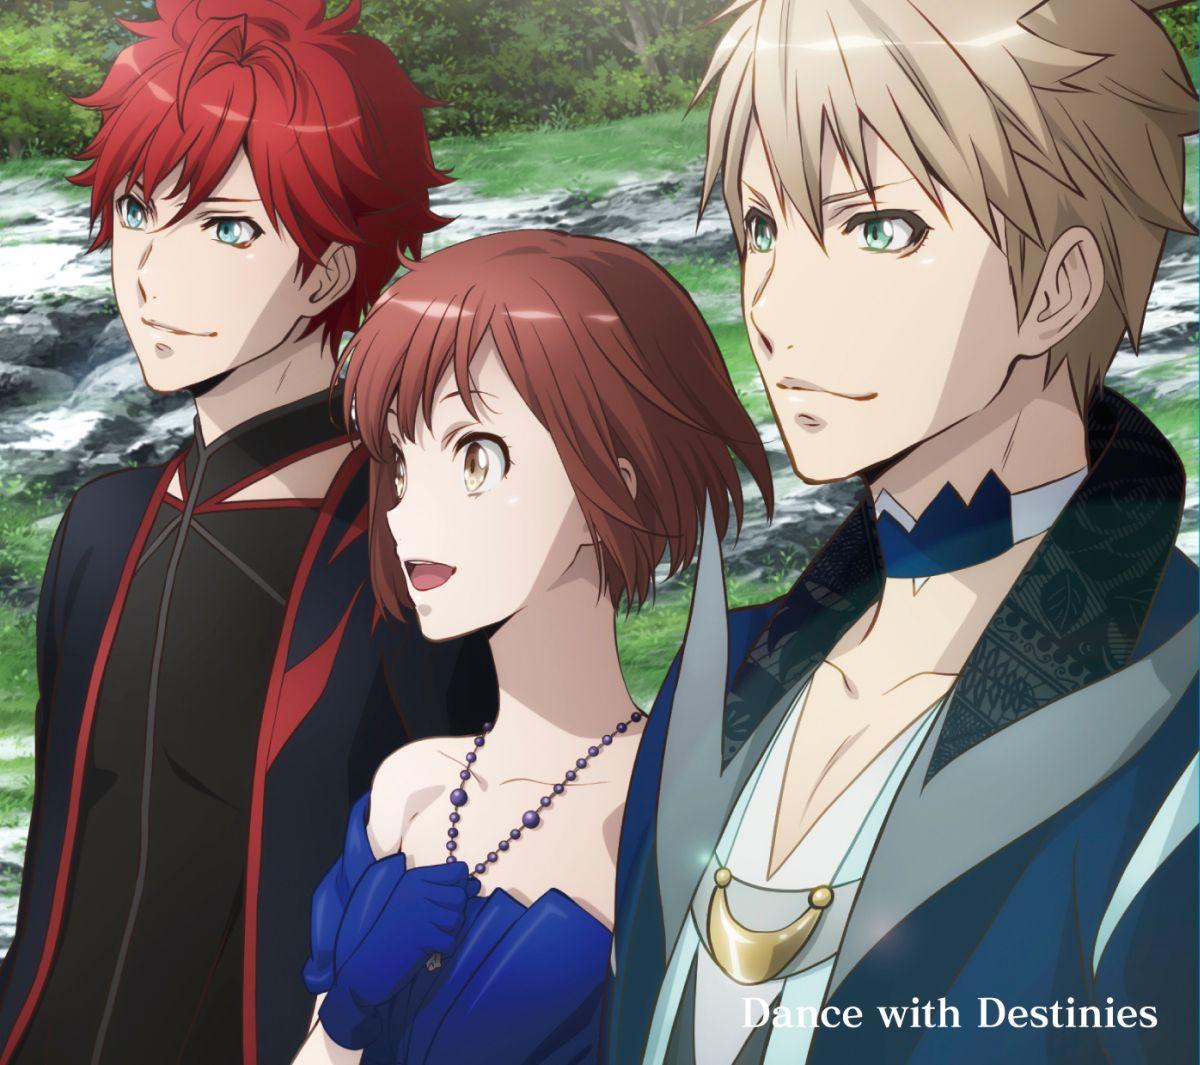 アニメ, アニメソング TVDance with DevilsDance with Destinies ()